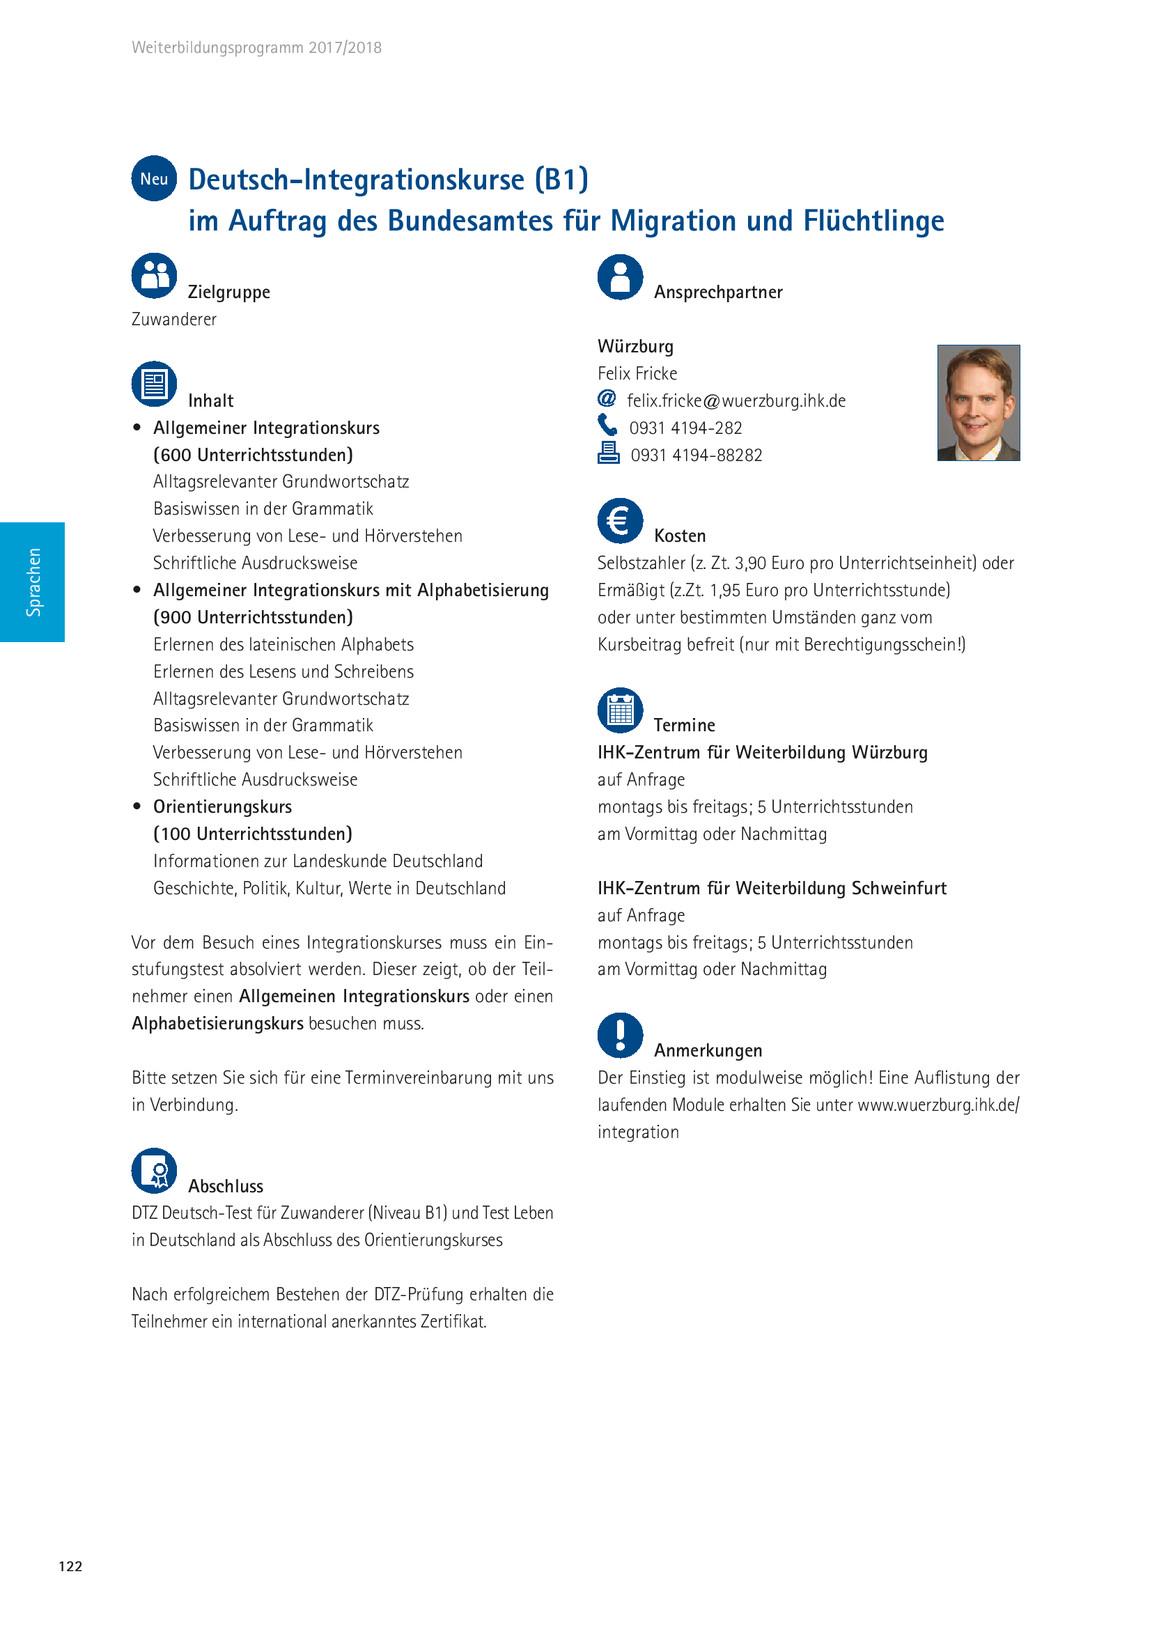 IHK Weiterbildungsprogramm 2017-2018   B4B MAINFRANKEN Kiosk